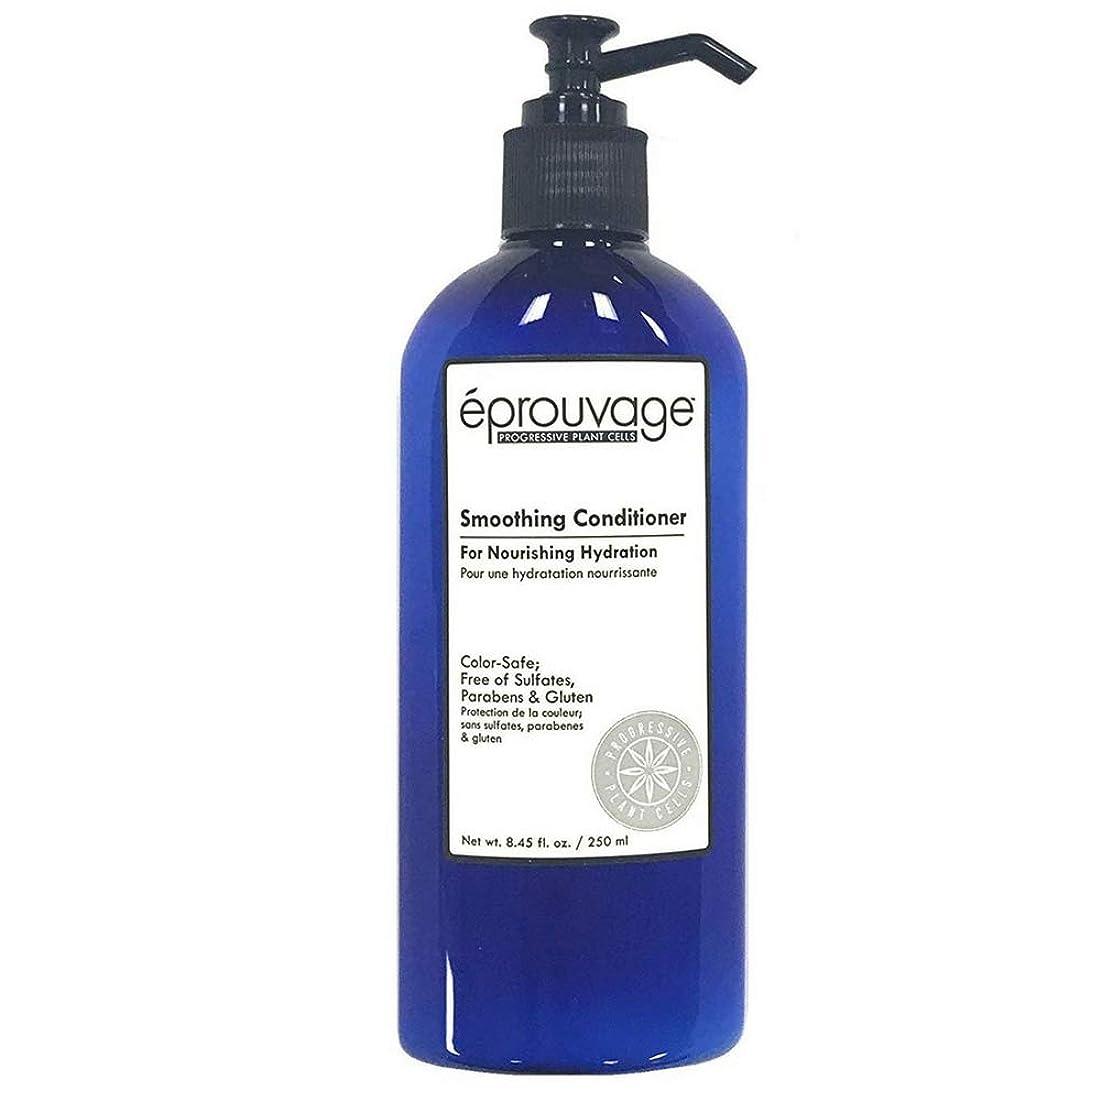 アヒルブラウザ操作eprouvage 栄養水分補給のために、コンディショナーをスムージング、8.45オンス